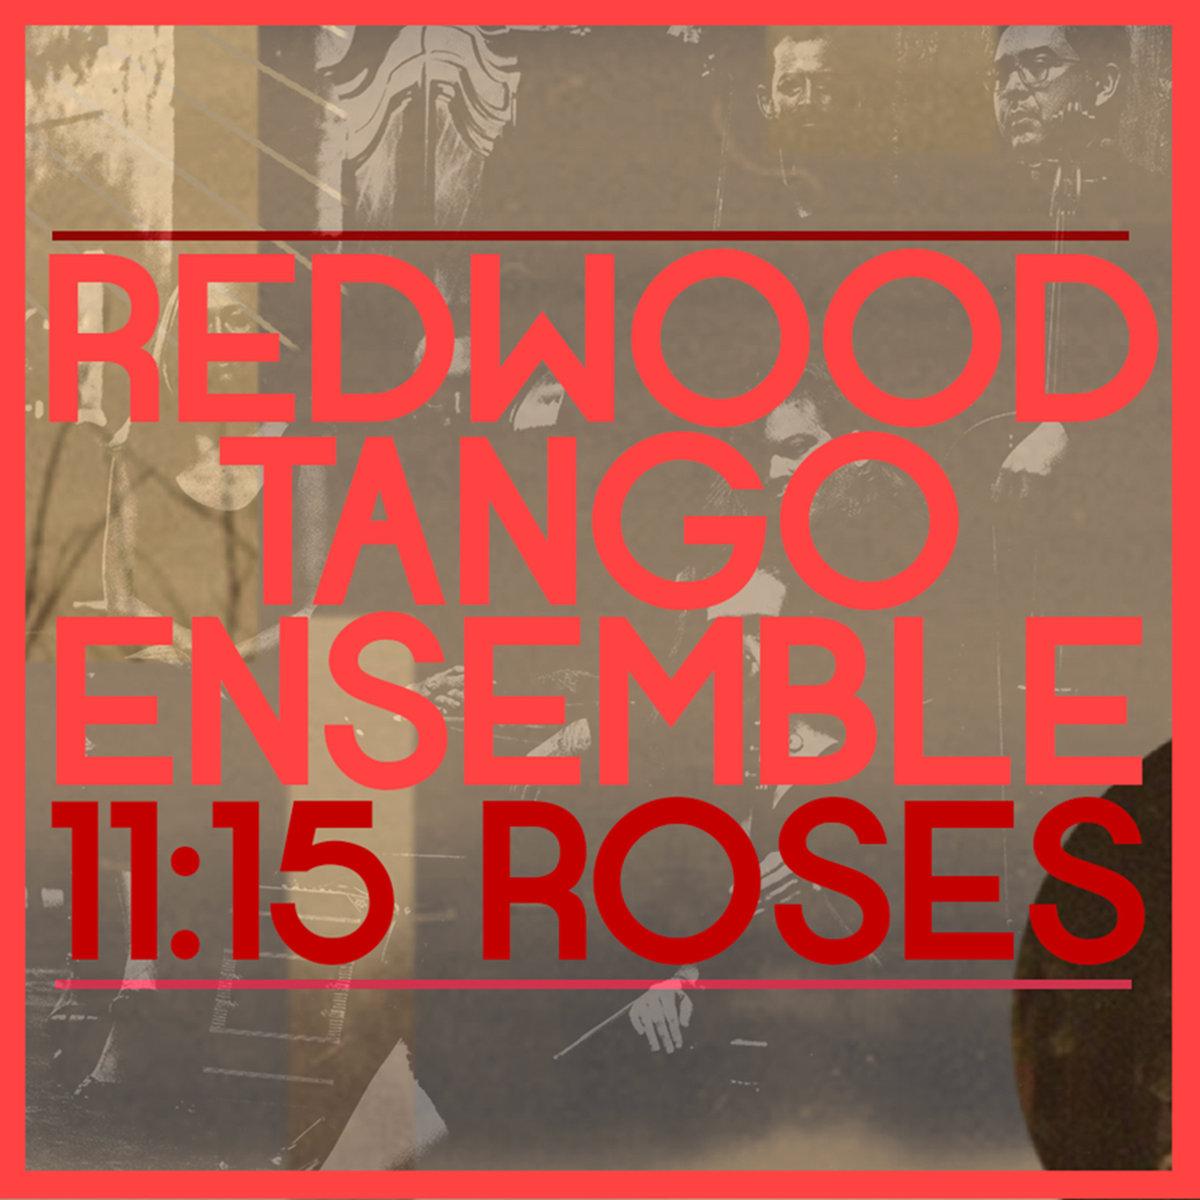 1115 Roses Single Cover.jpg